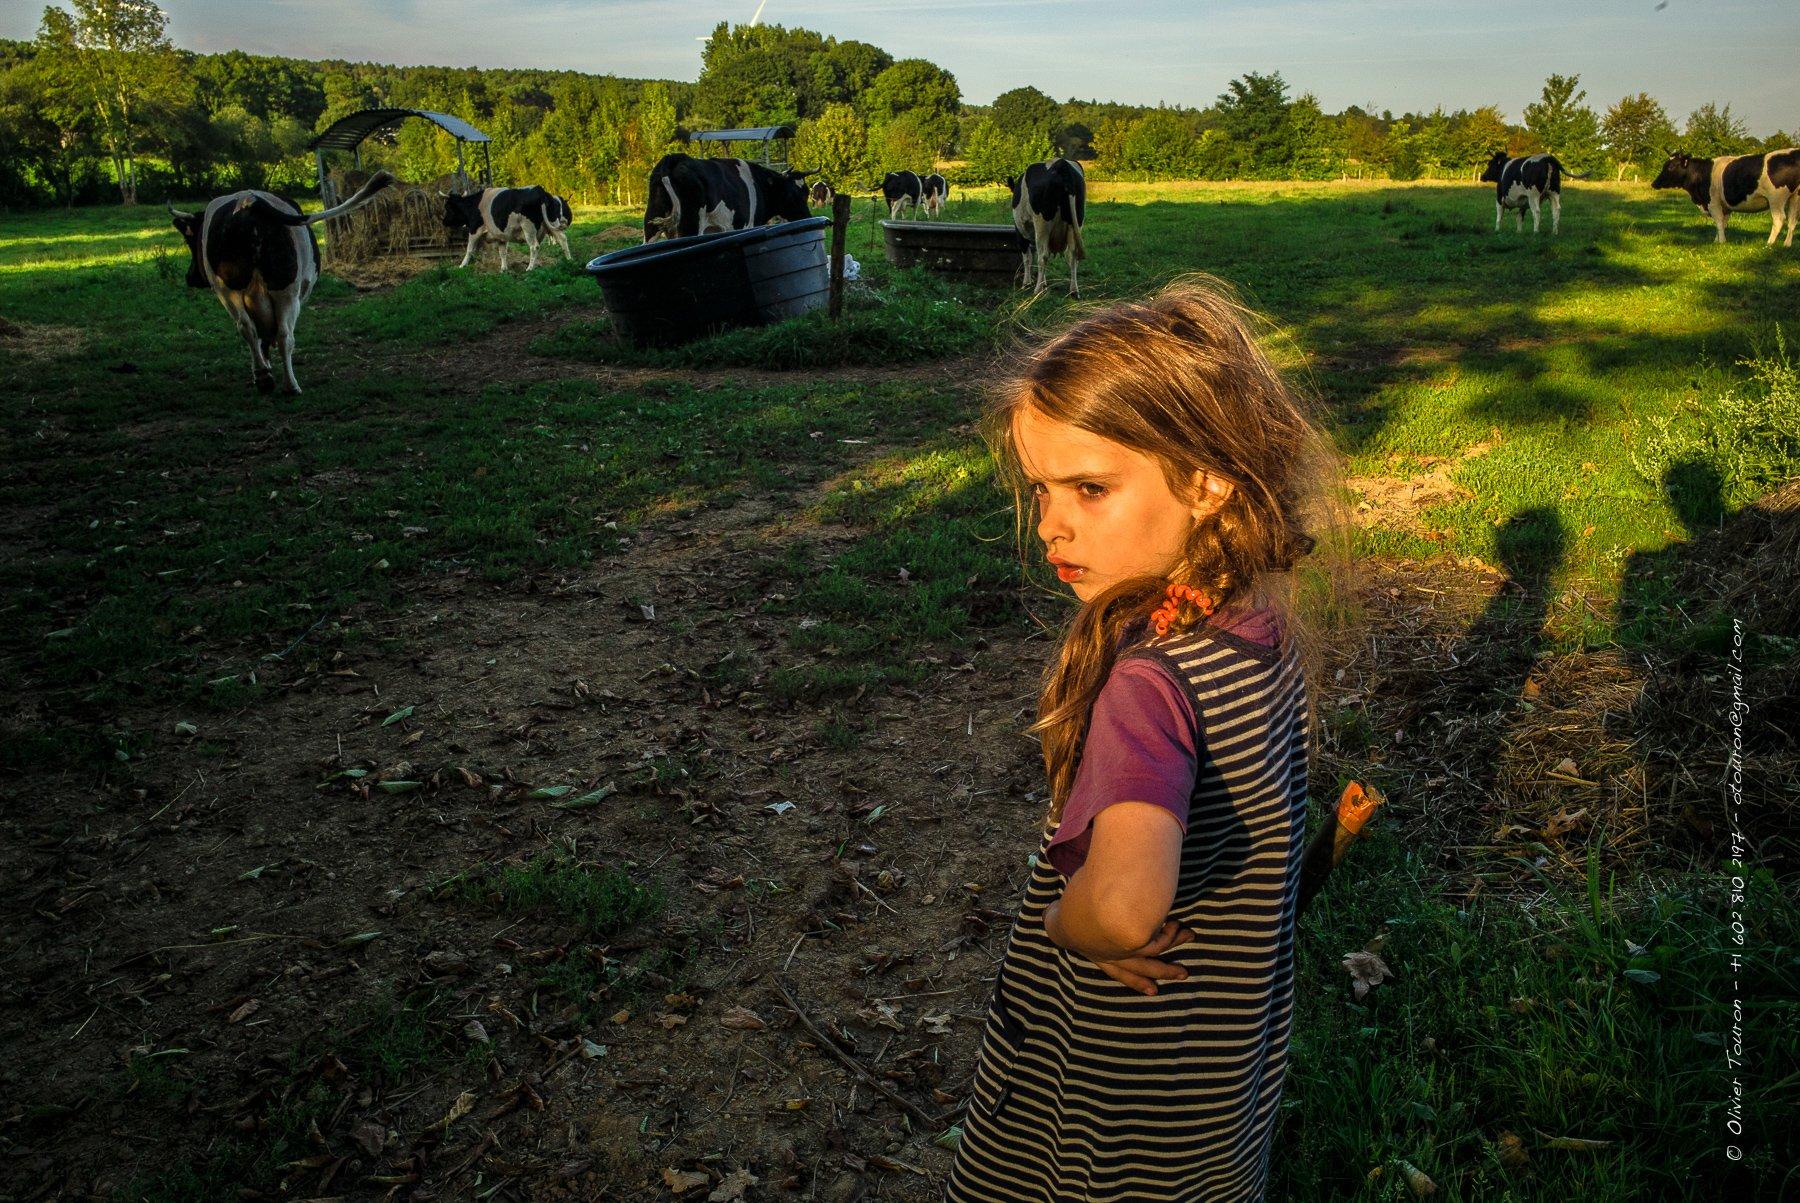 03 septembre 2014. Saint-Gondard. Avec la famille Thébault qui a fait le choix d'élever une race locale pour la viande et le lait, la vache bretonne pie noir. // © Olivier Touron / Divergence